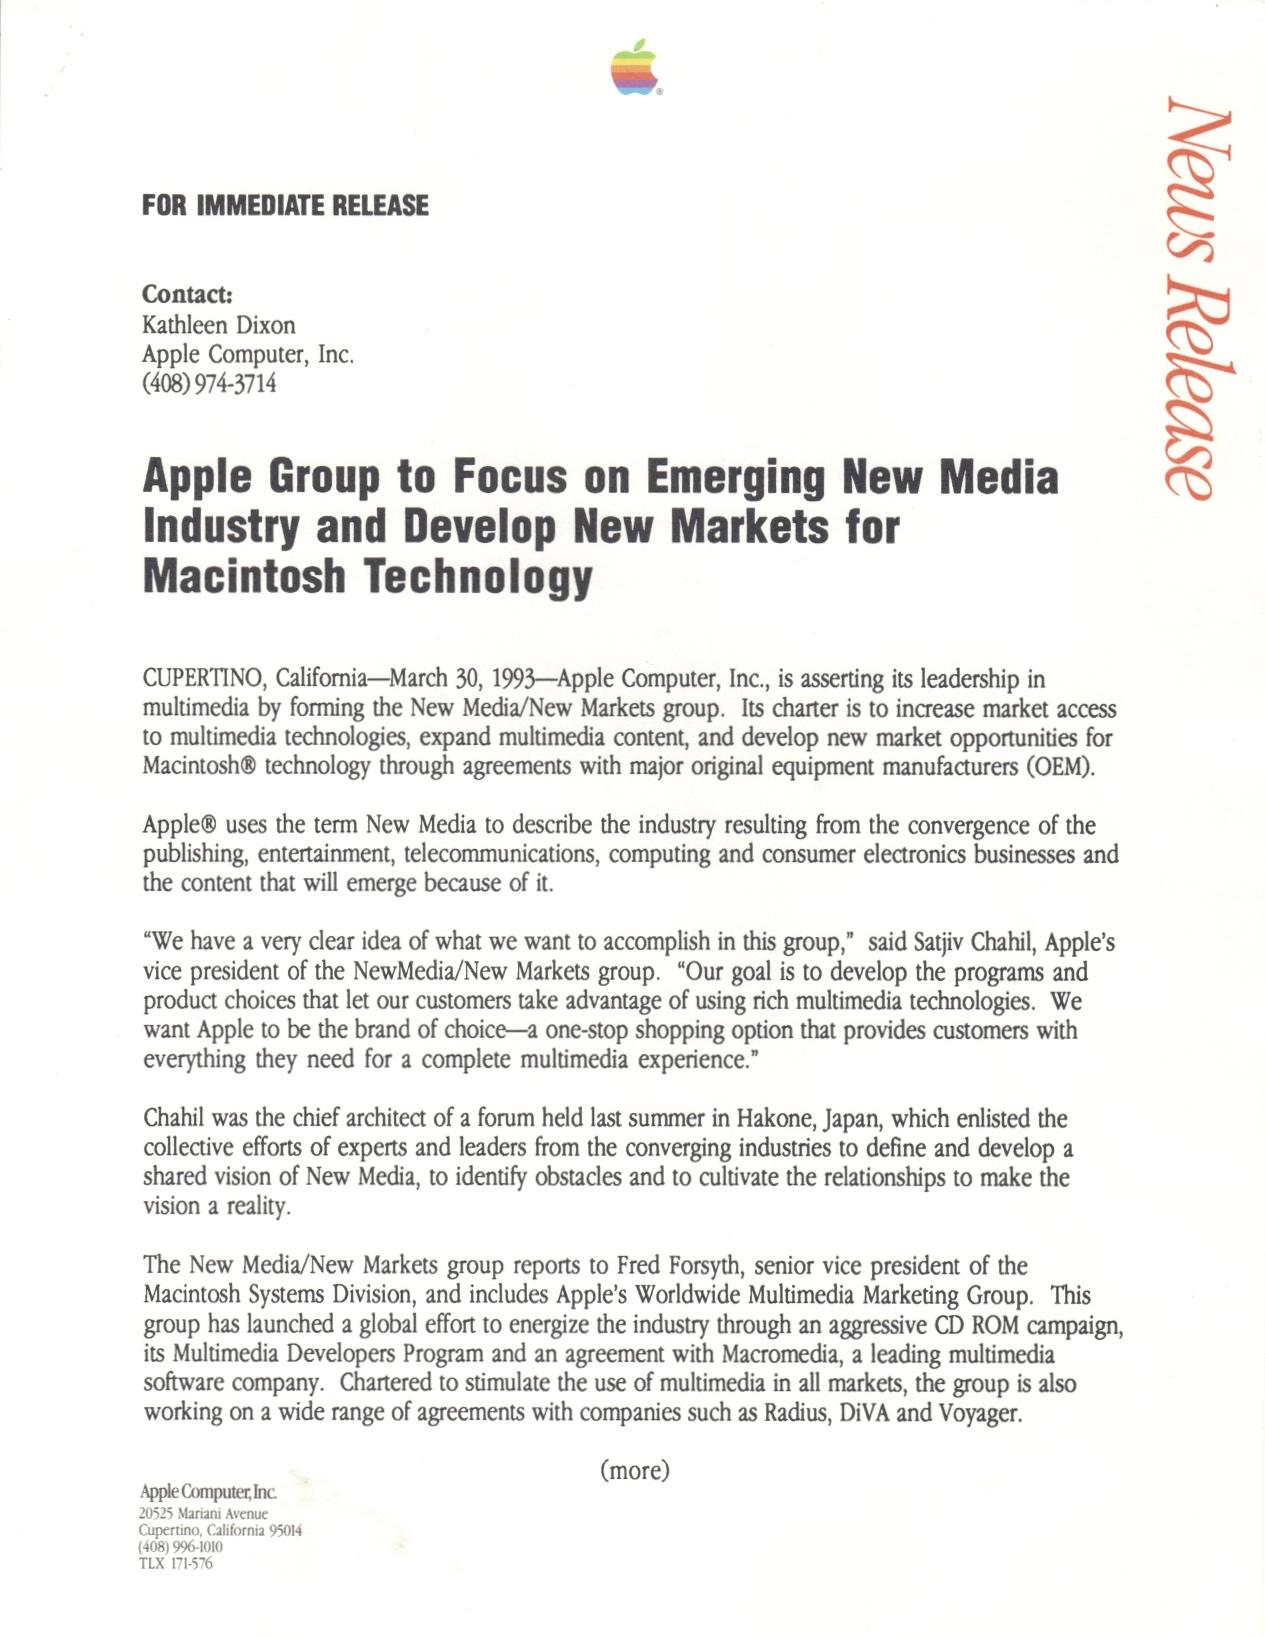 Apple Press Release